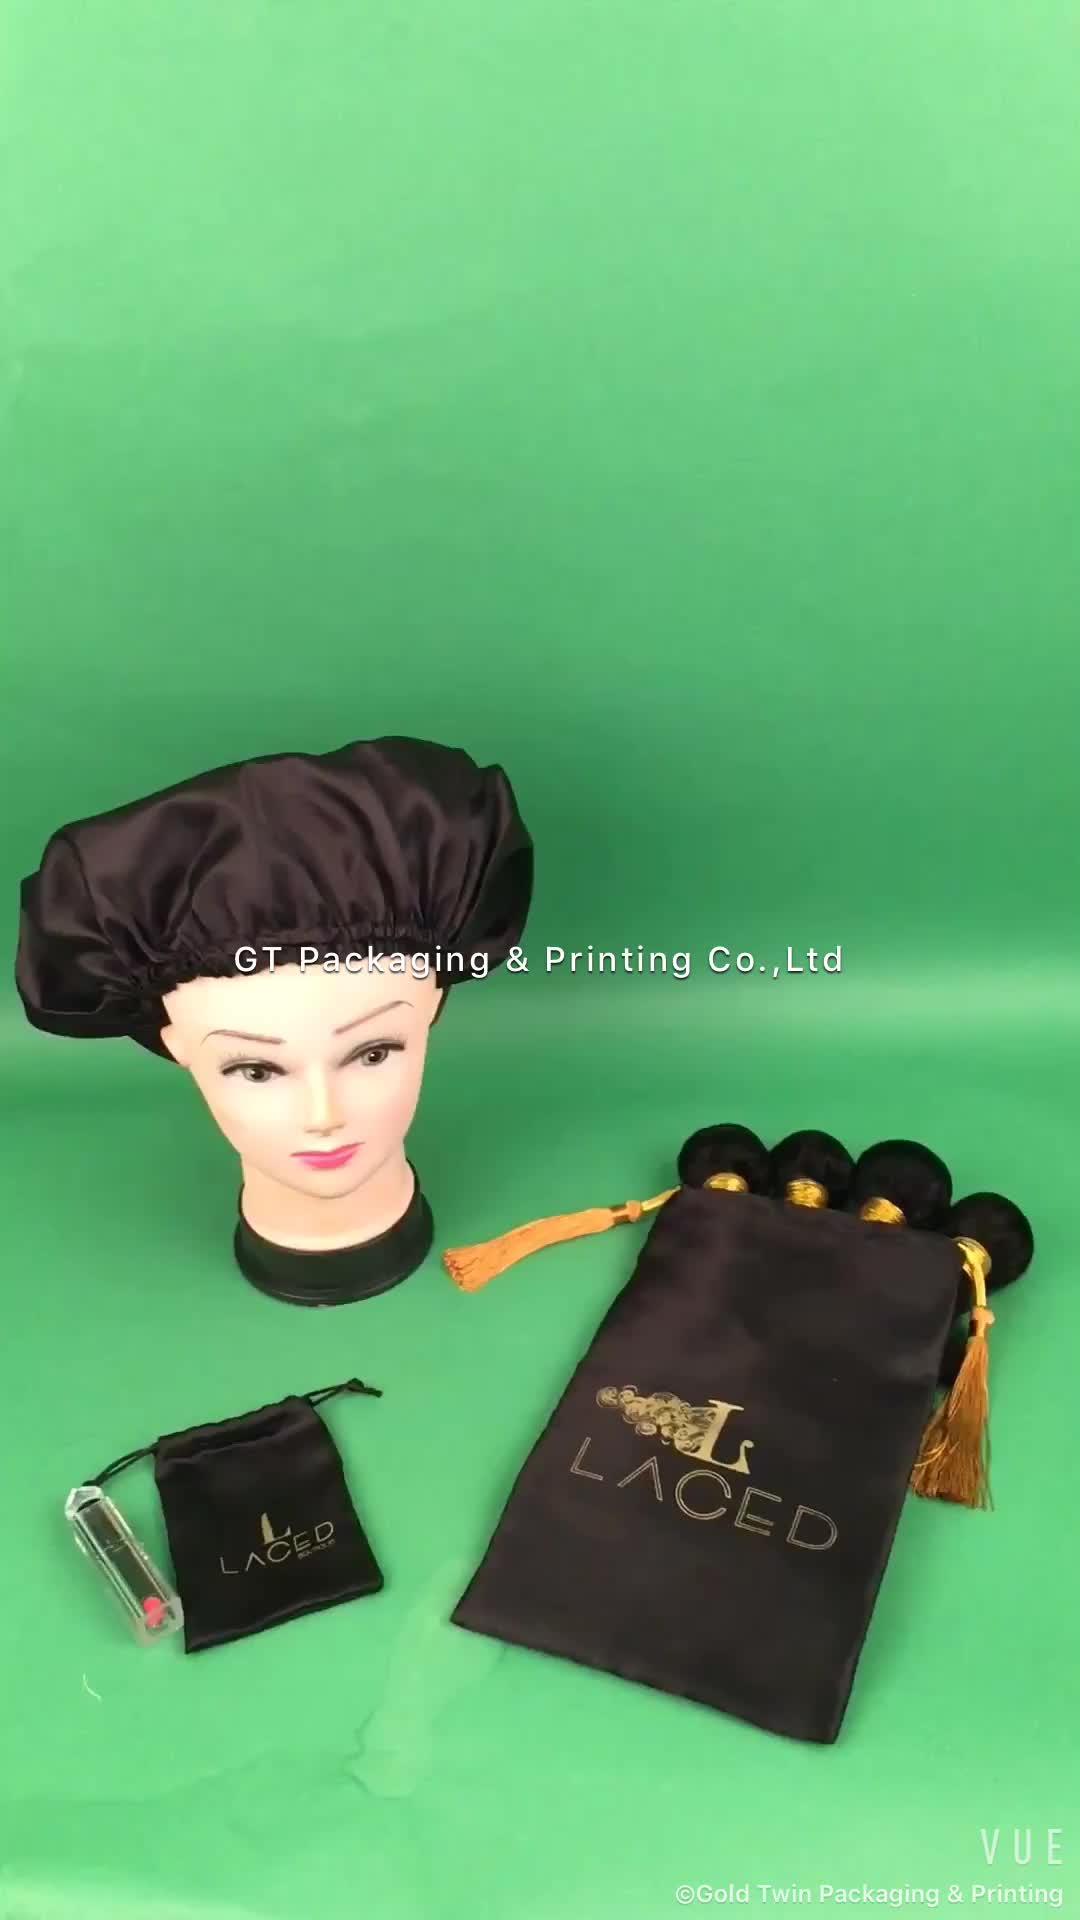 Özel insan bakire saç ekleme demeti peruk wrap etiketleri ambalaj ambalaj saten çanta lüks püskül, yuvarlak uyku bonnet